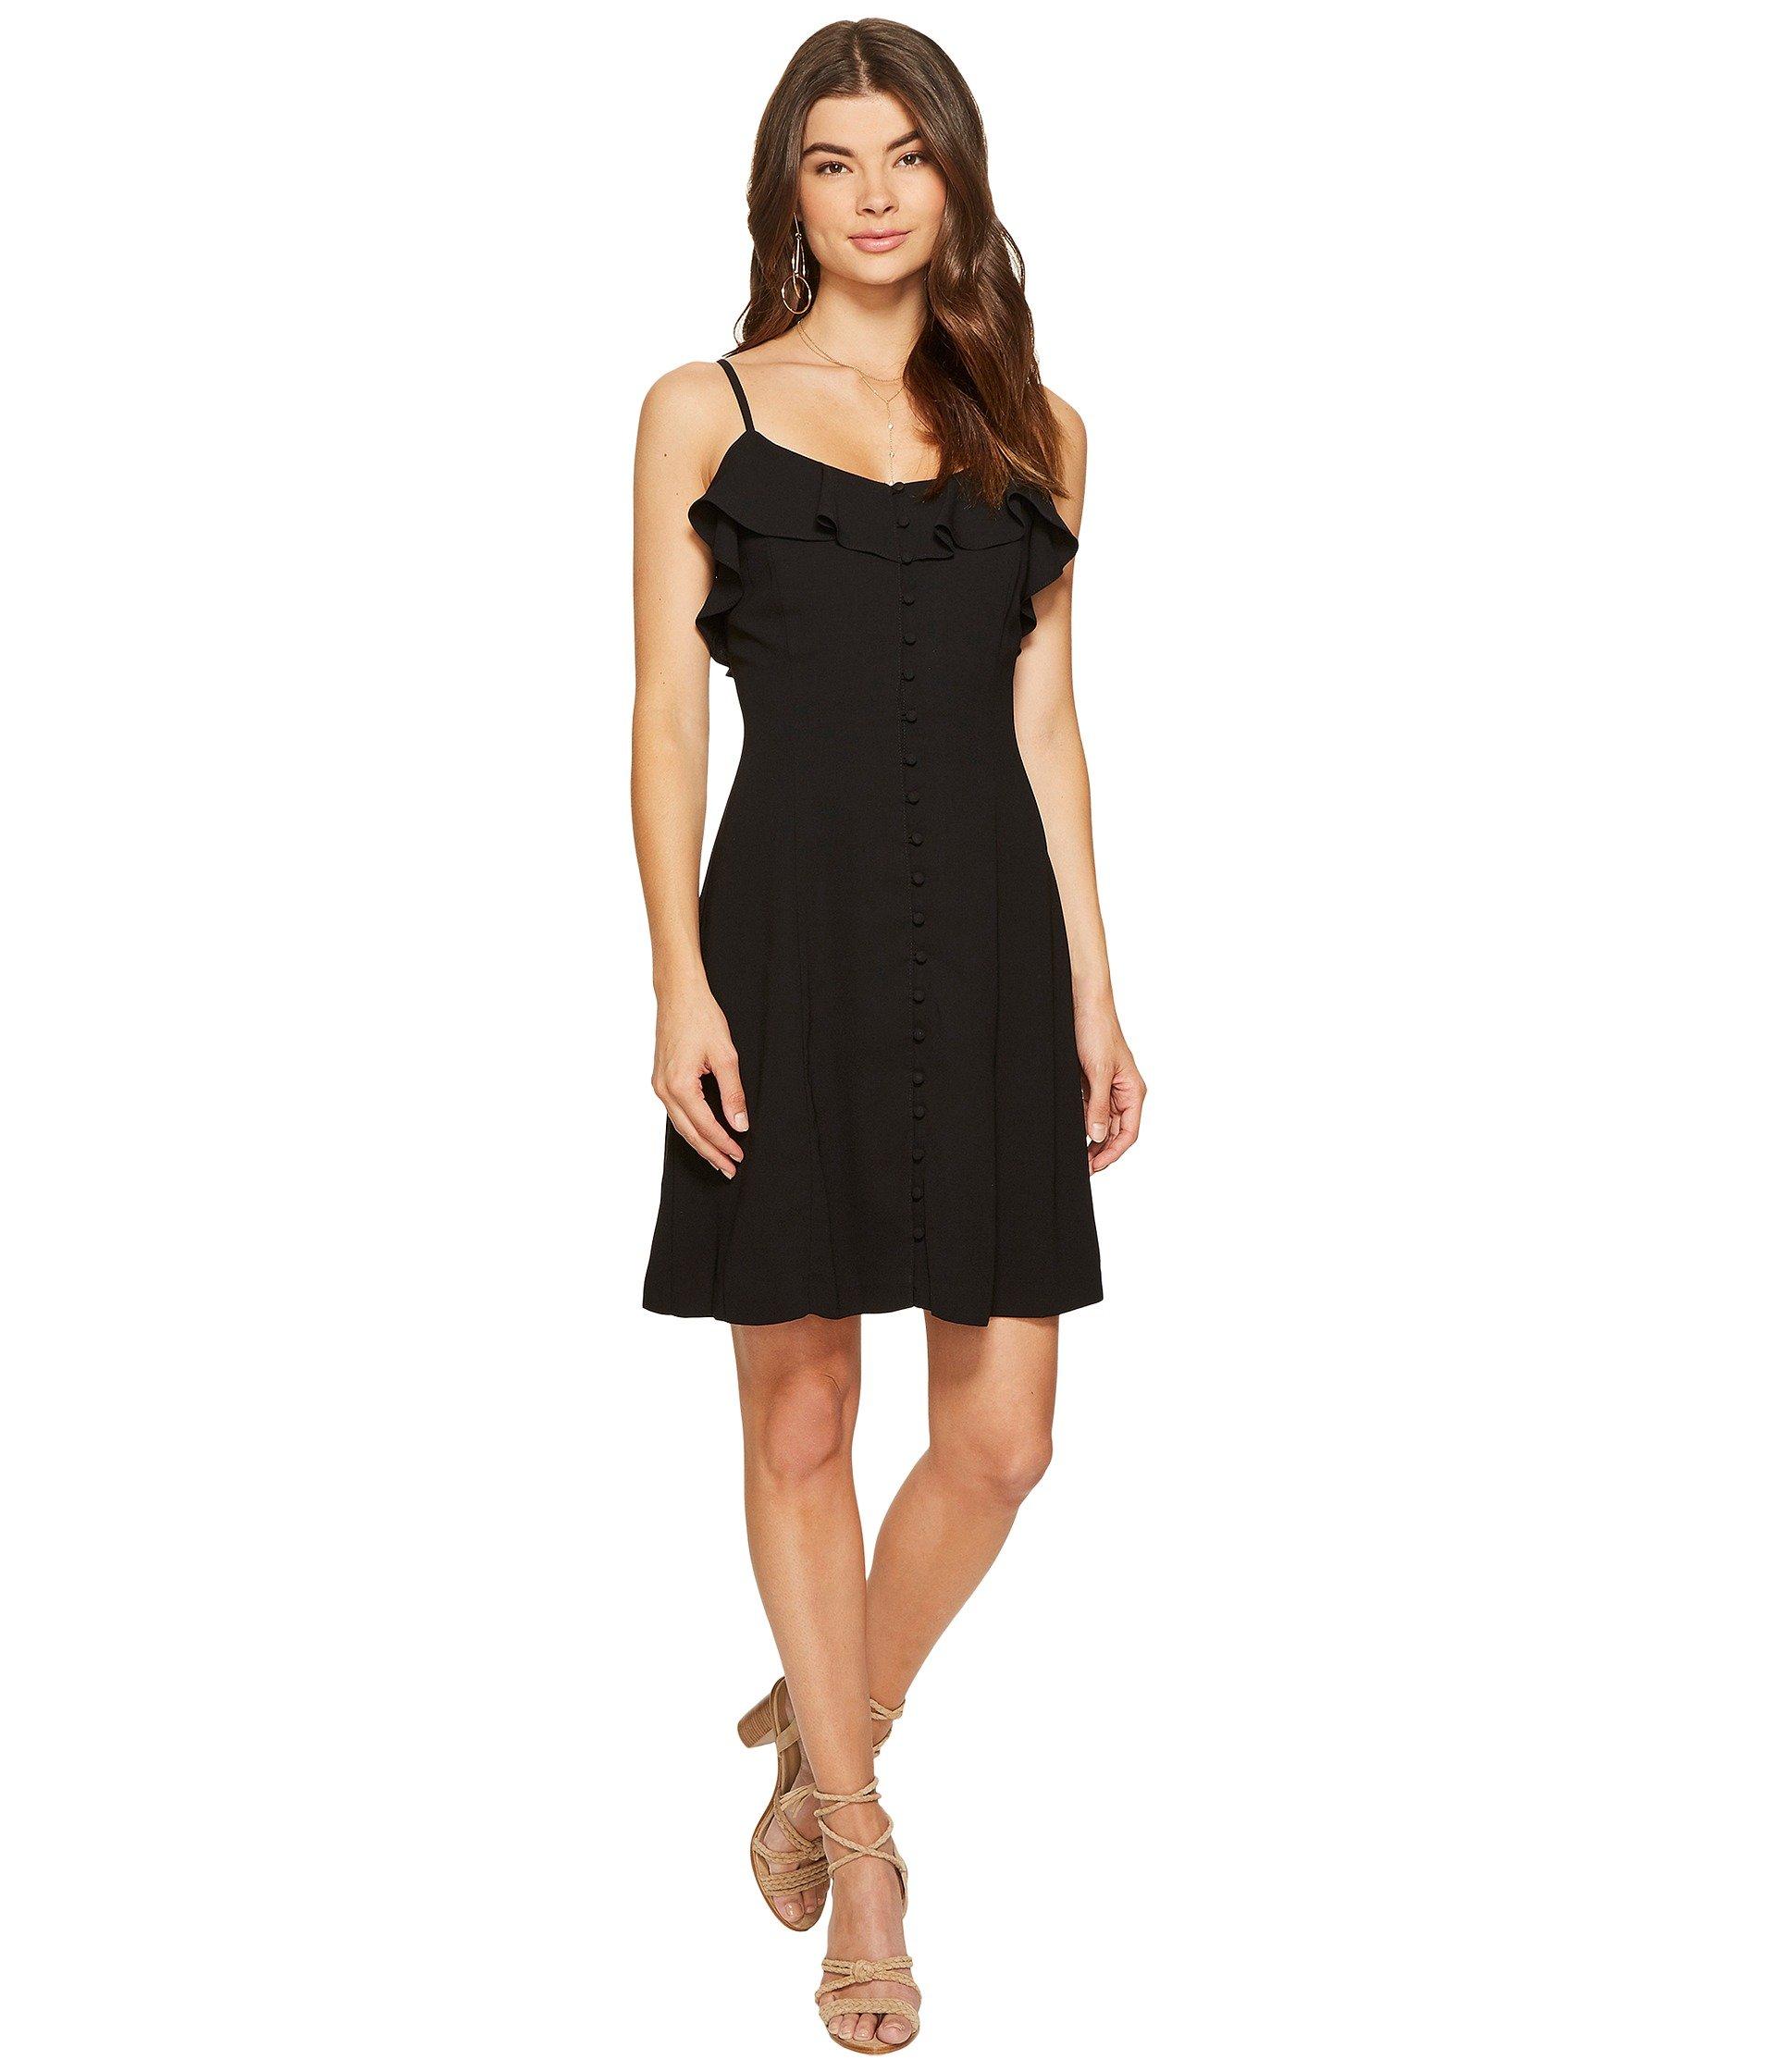 Luxury Crepe Dress KS7K7972